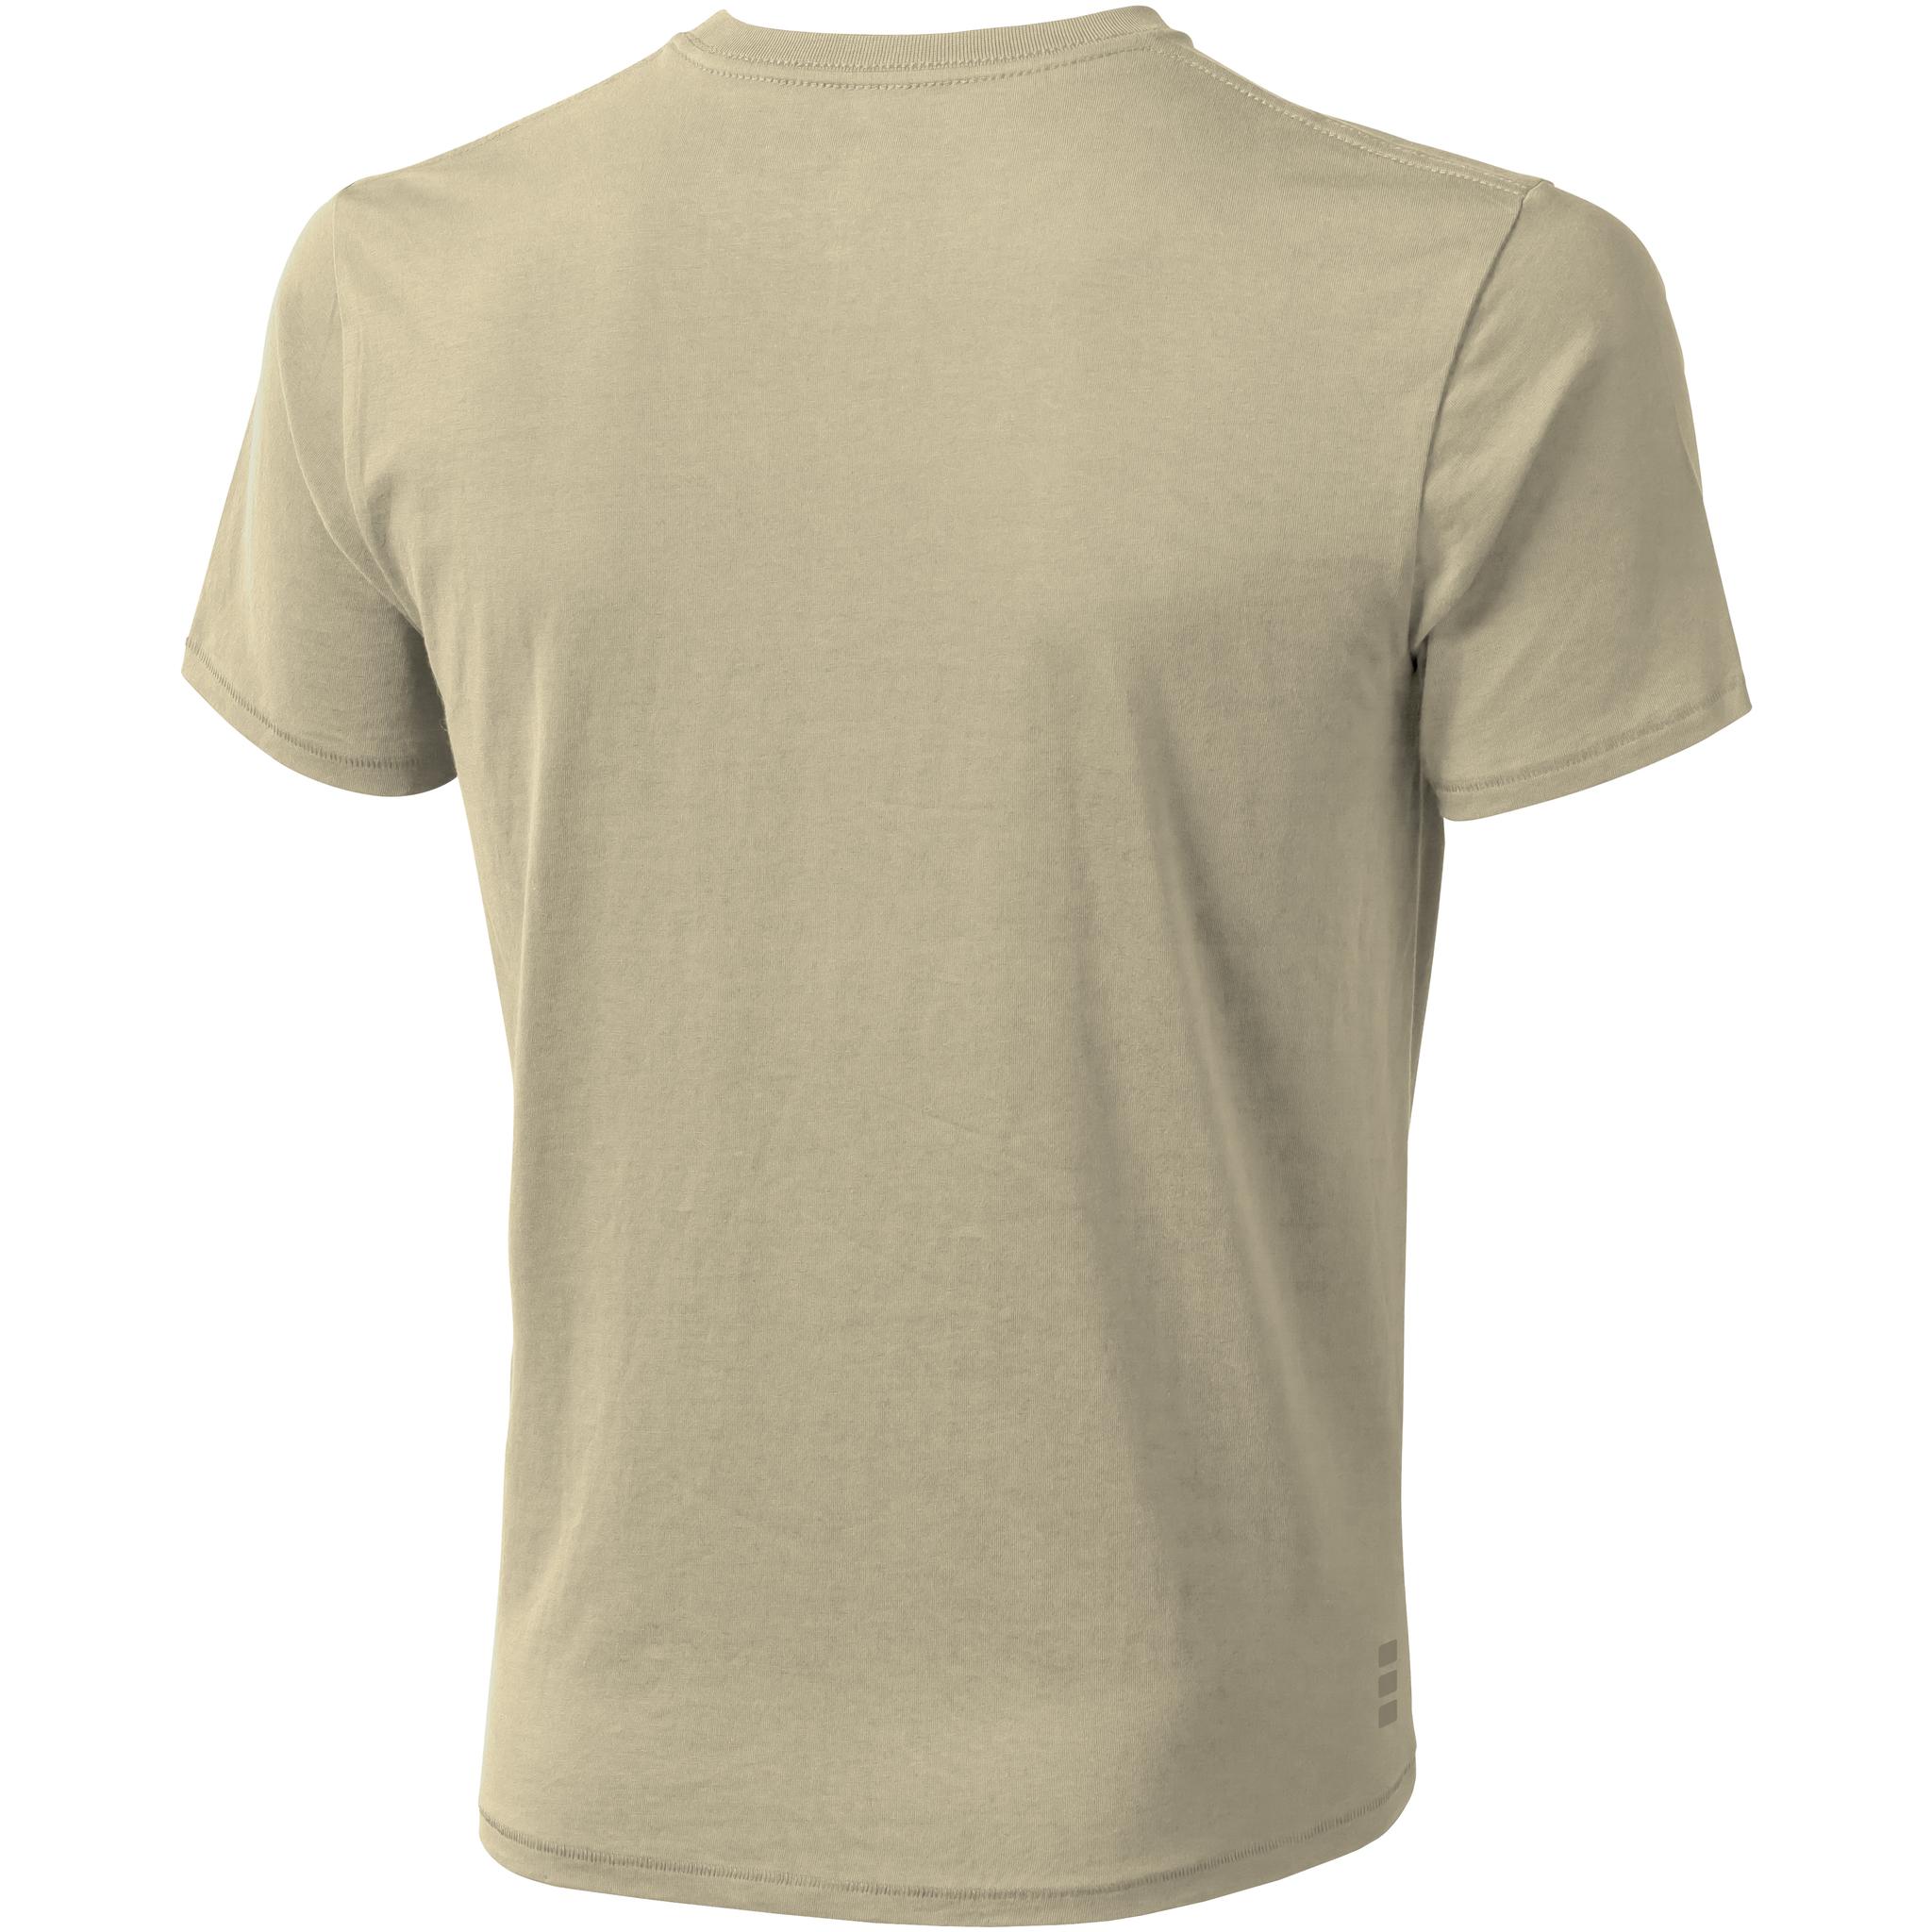 Elevate-Mens-Nanaimo-Short-Sleeve-T-Shirt-PF1807 thumbnail 33